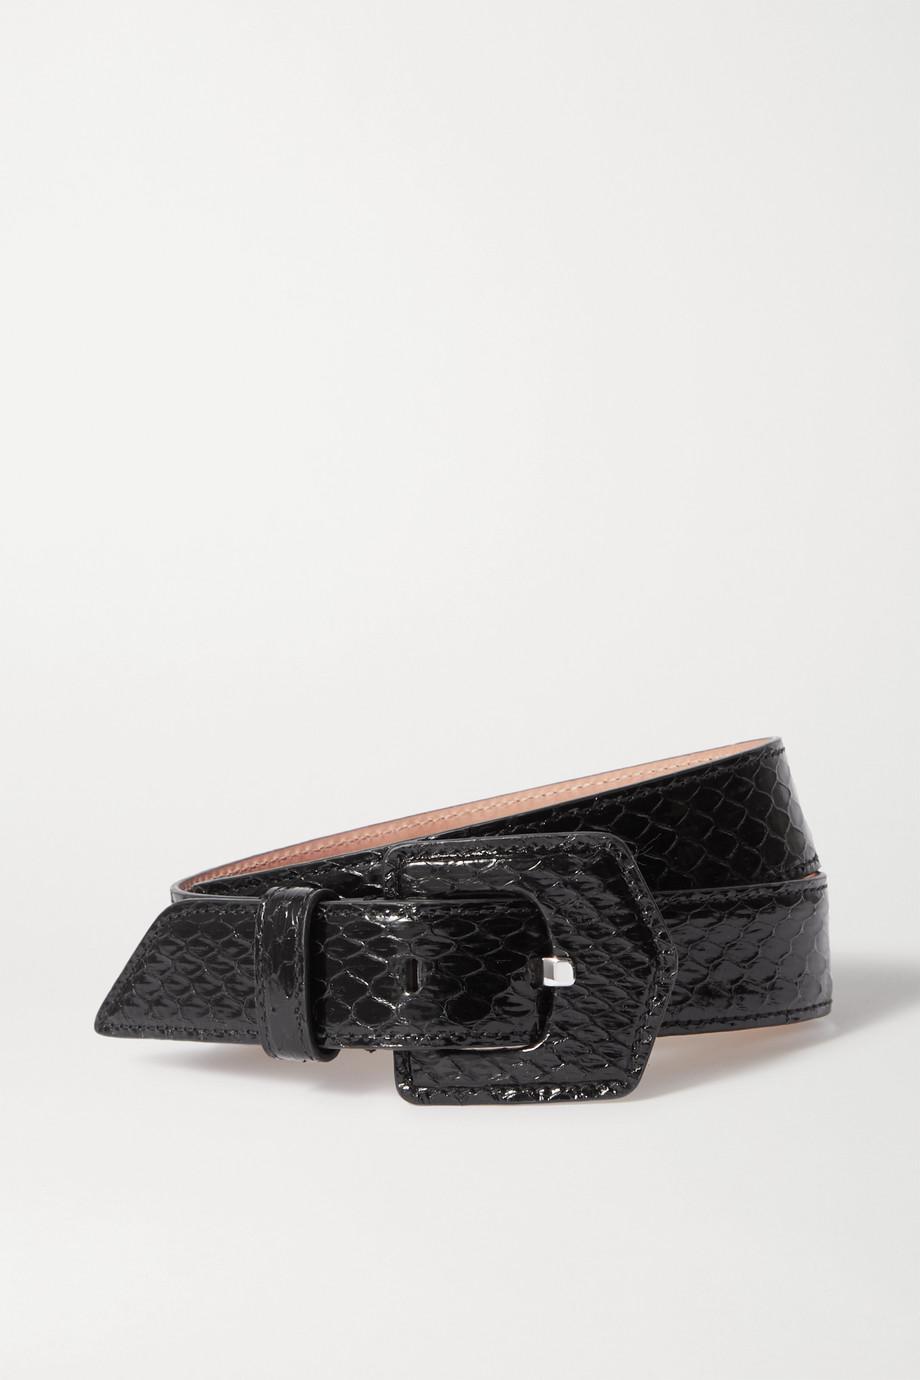 Alaïa Elaphe belt